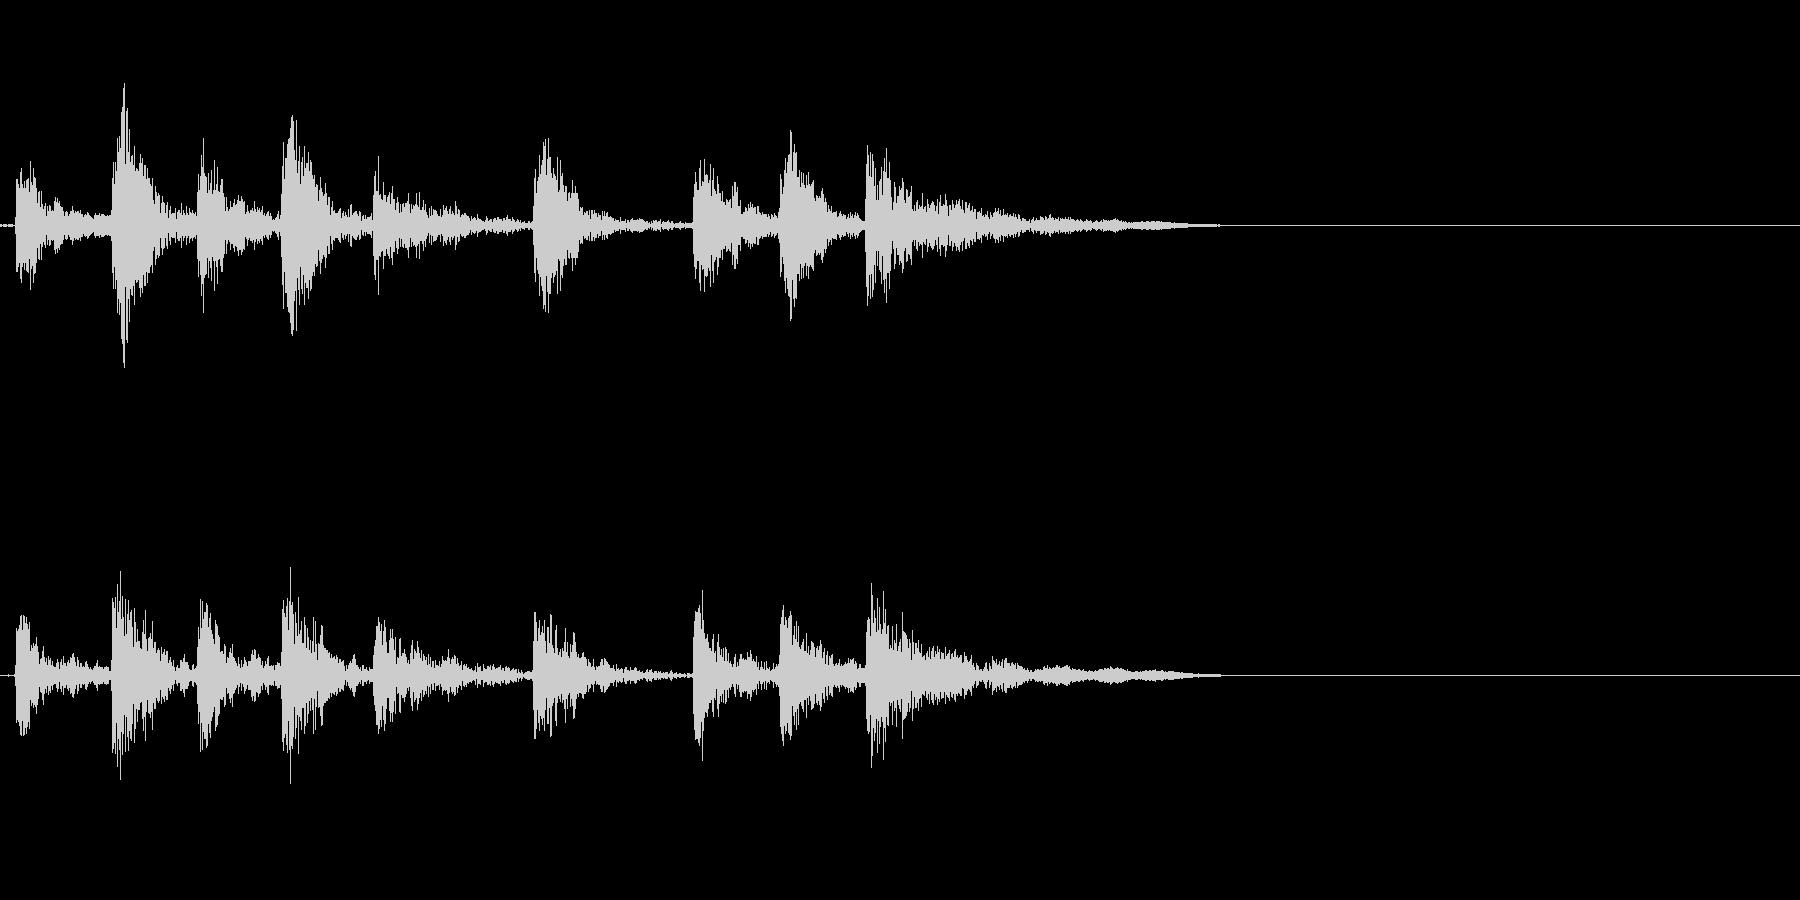 ドラム、タム、タイプA、アクセント...の未再生の波形